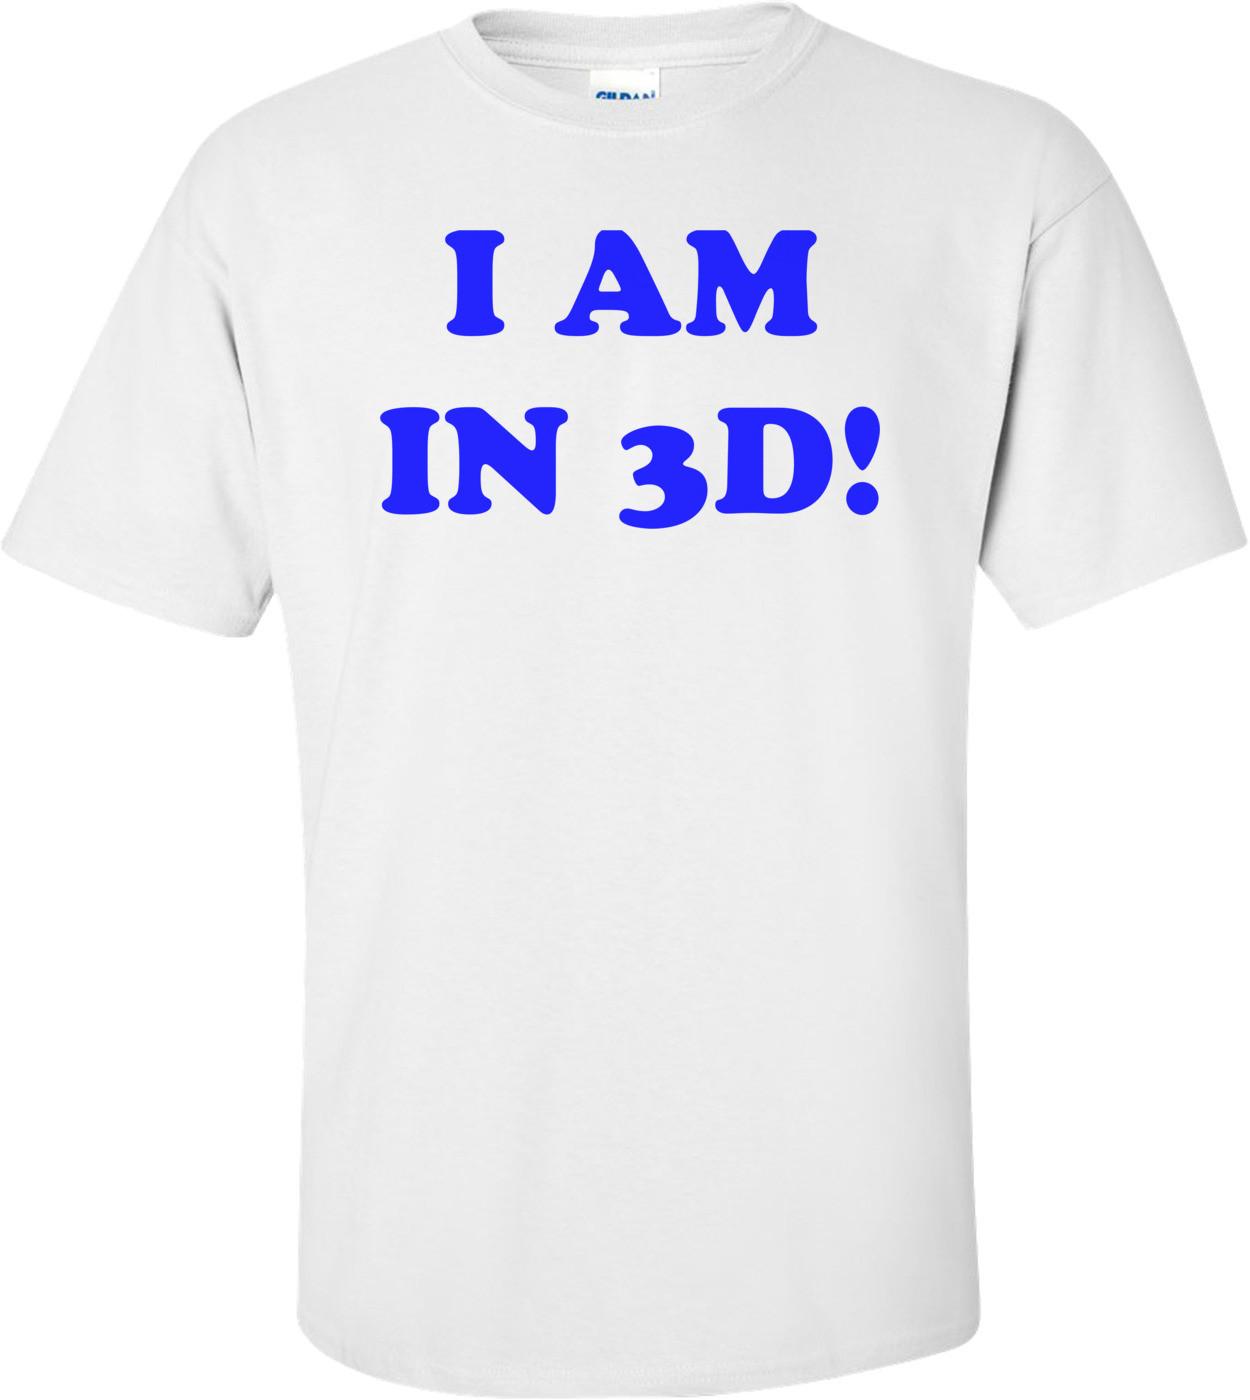 I AM IN 3D! Shirt